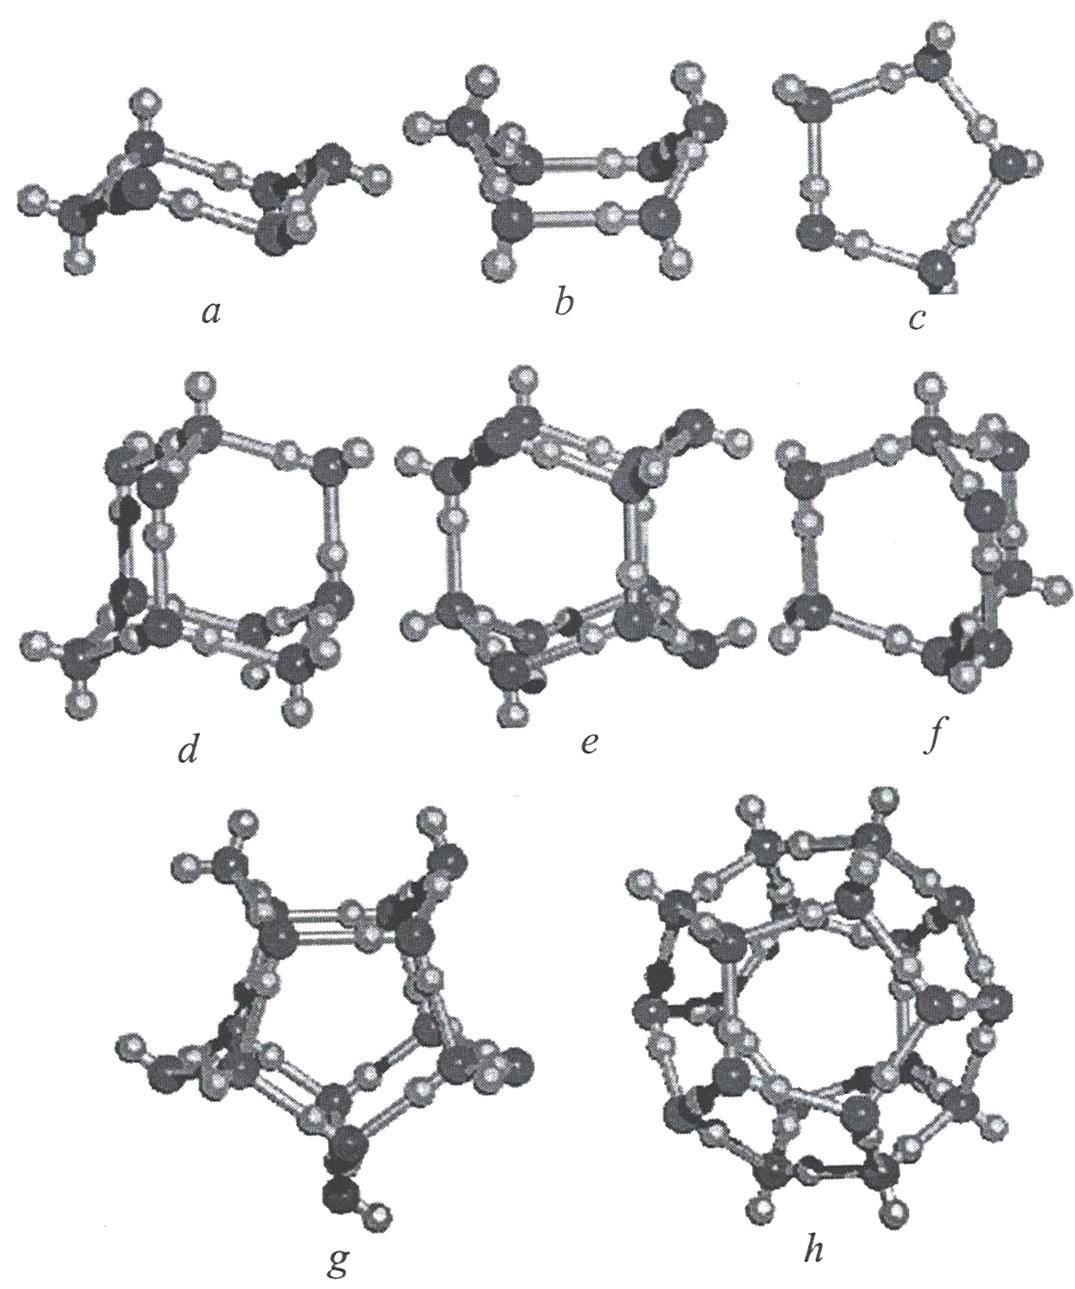 Возможные структуры и конформации кластеров воды (a-h) состава (H2O)n